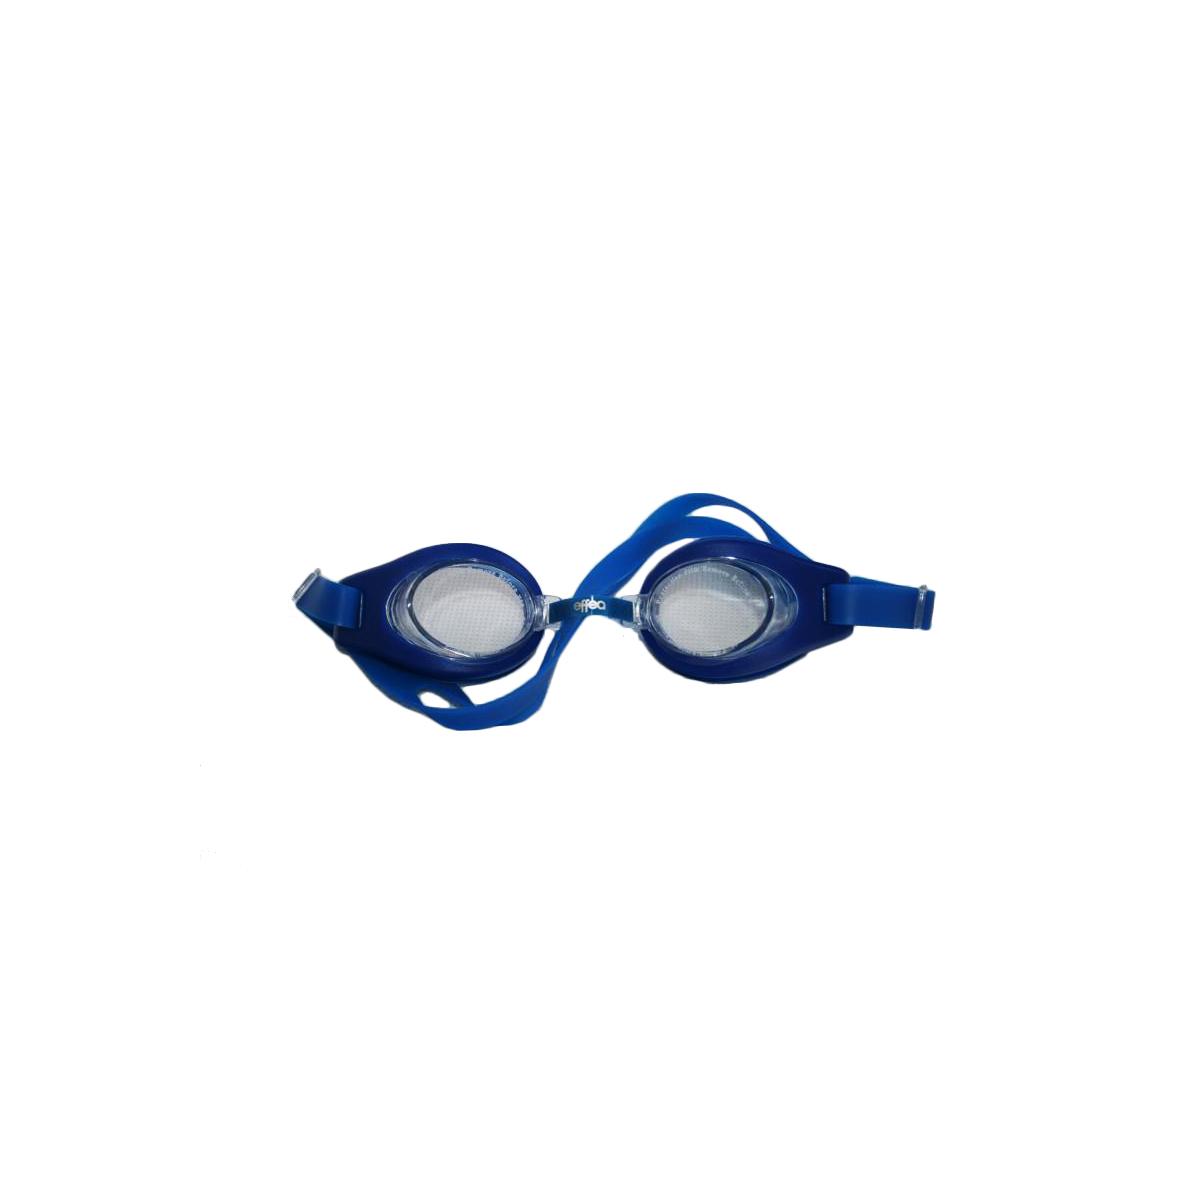 Plavecké brýle EFFEA 2620 junior - modré